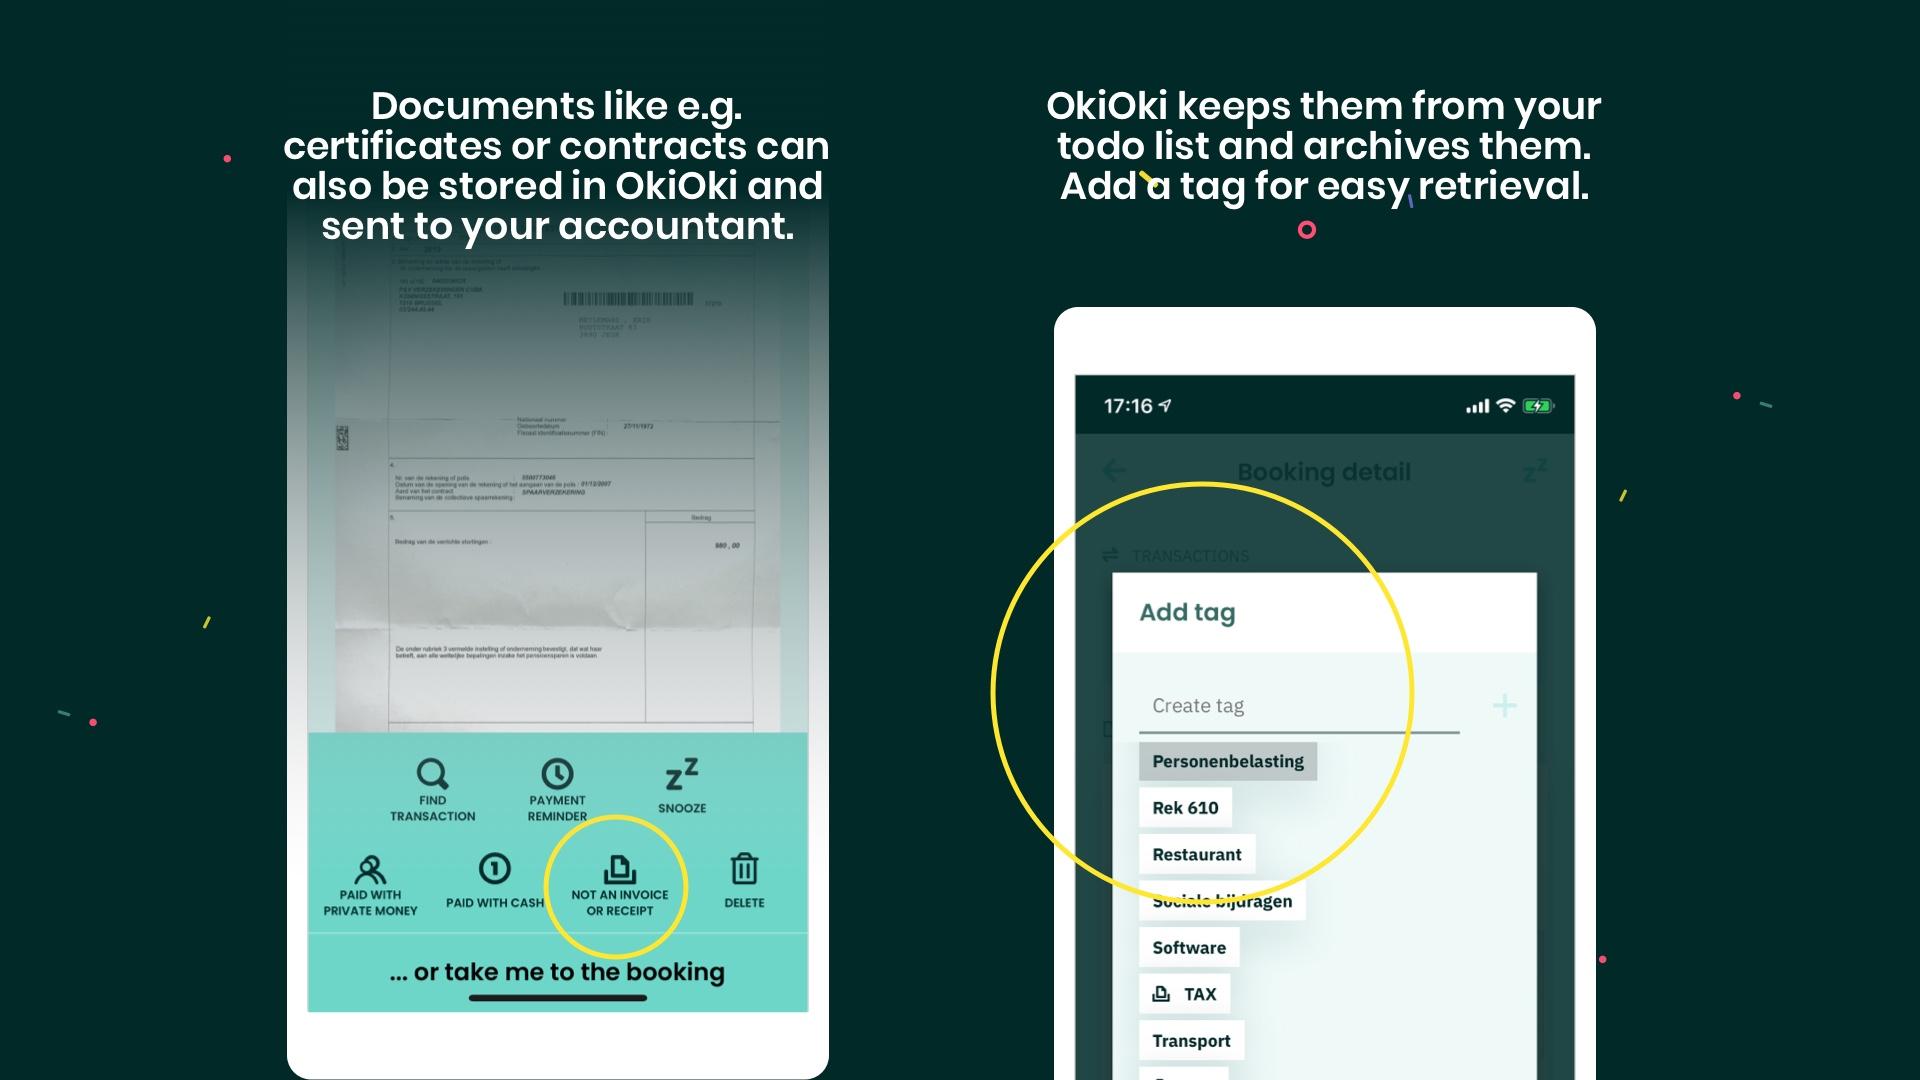 Sommige documenten zoals attesten moeten ook naar je accountant of wil je gewoon in OkiOki bewaren. OkiOki haalt ze van je takenlijstje en archiveert ze. Voeg een tag toe om ze later makkelijk terug te vinden.